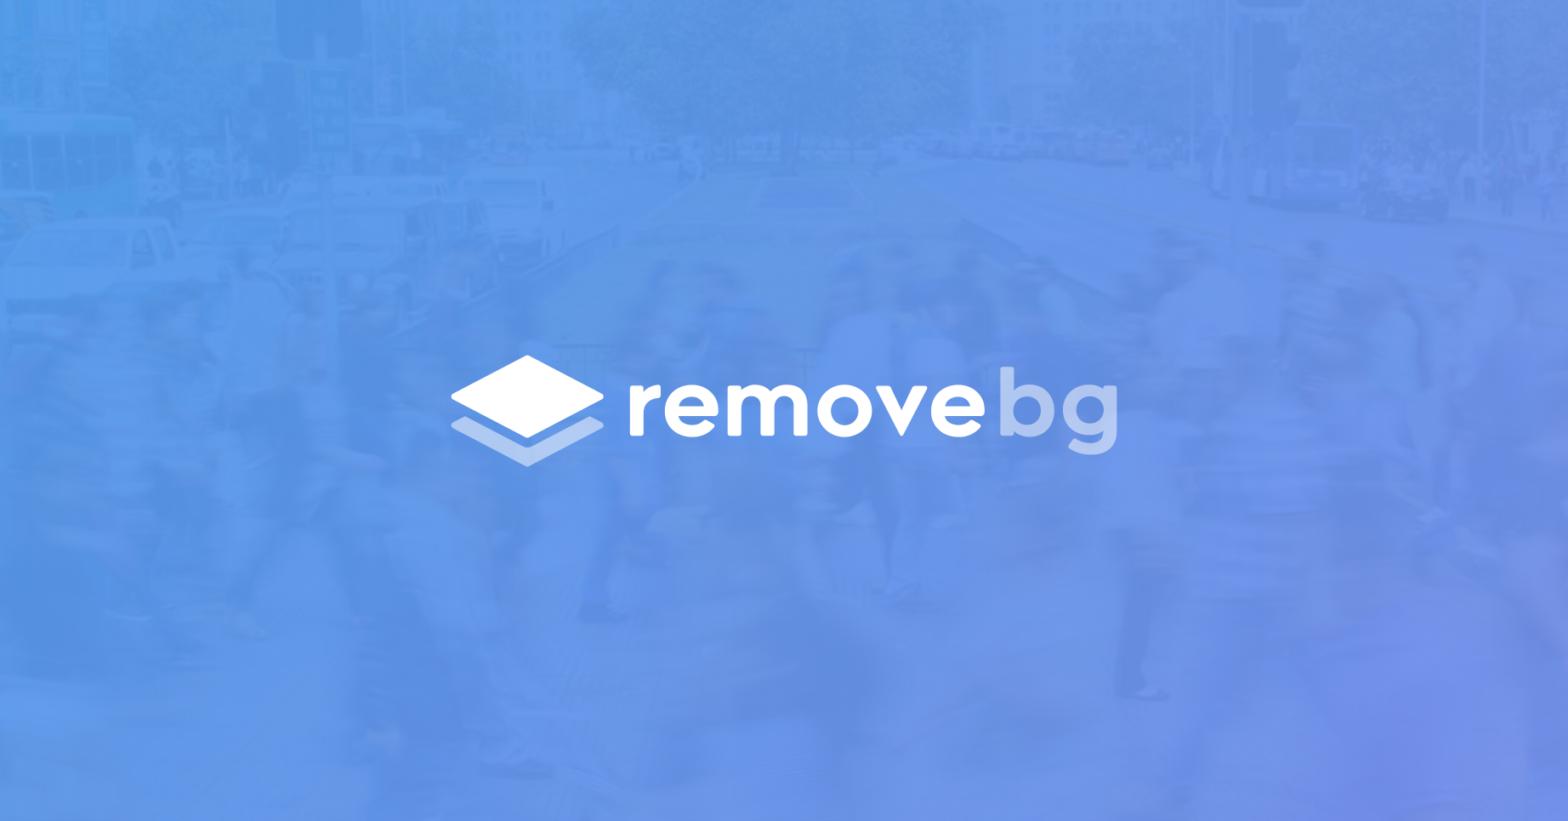 Détourer une image en une clic avec remove.bg